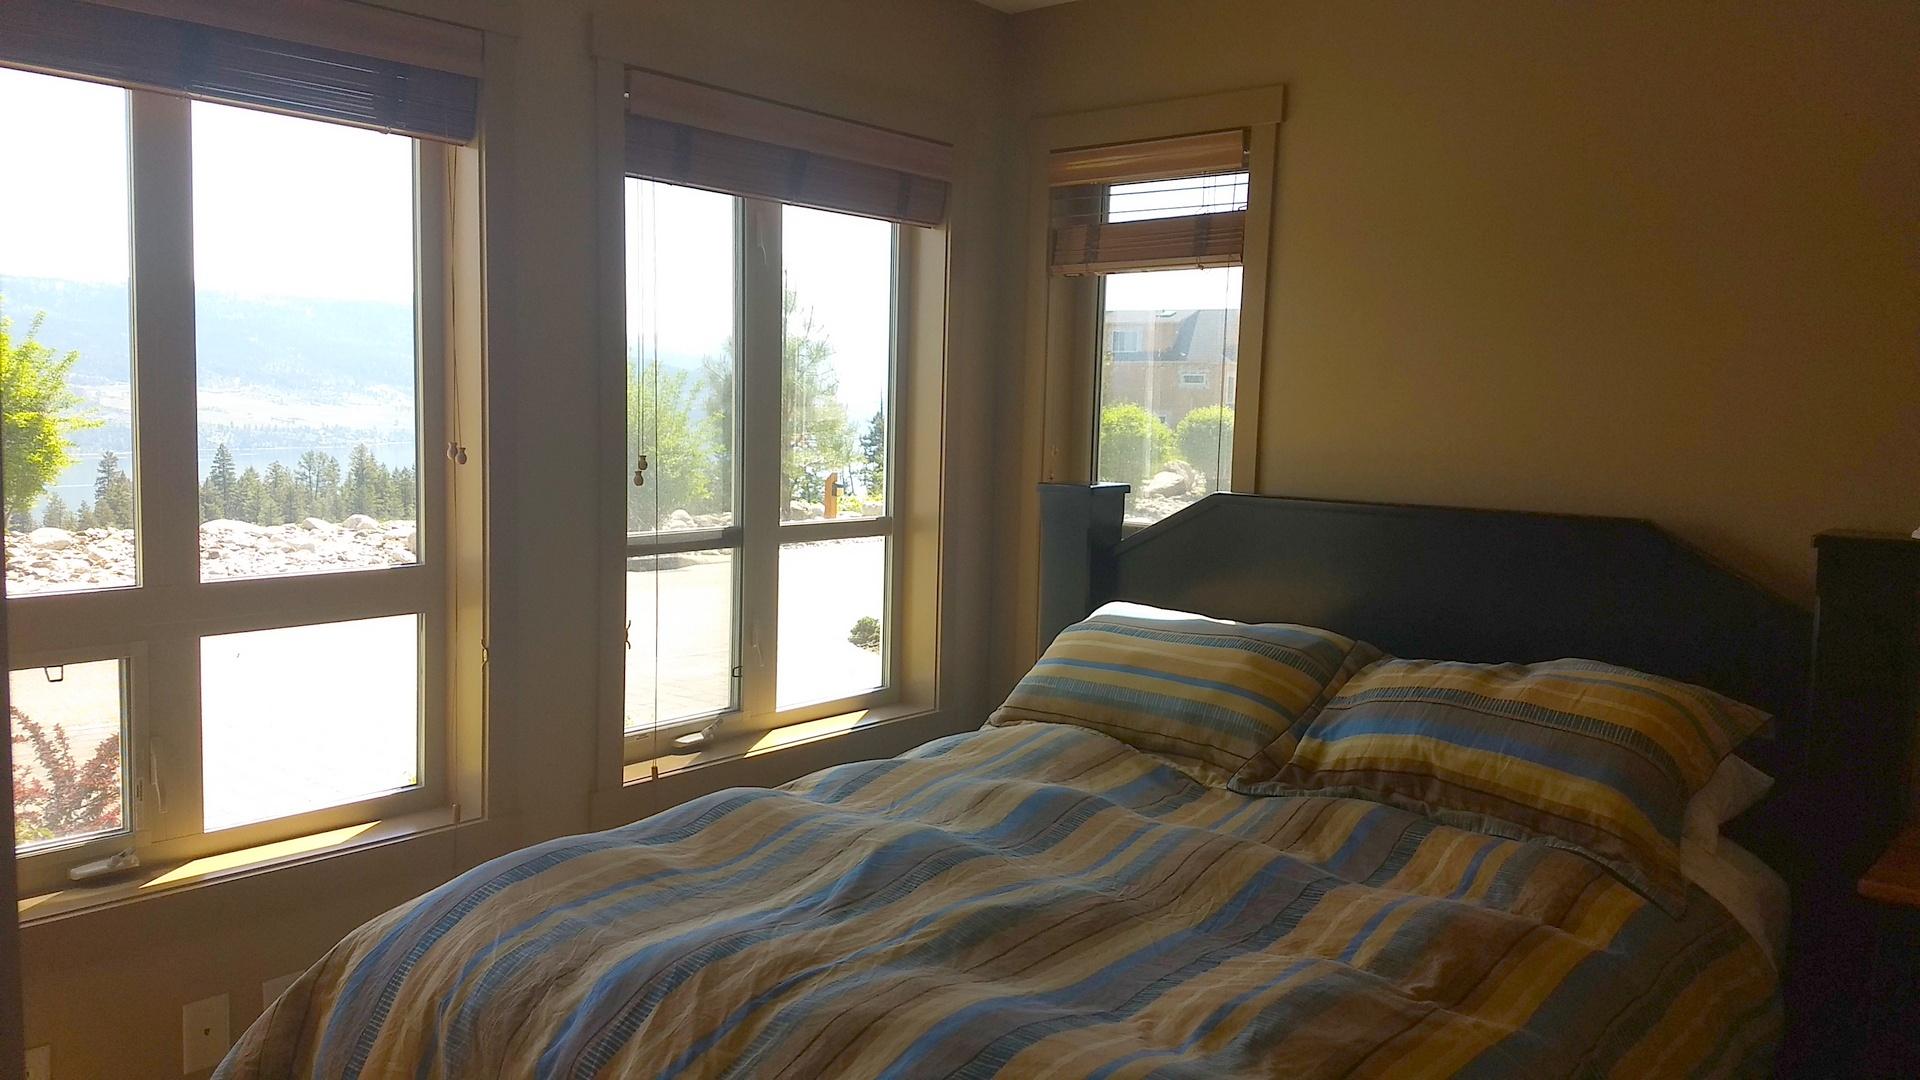 392 Main floor bed view 1